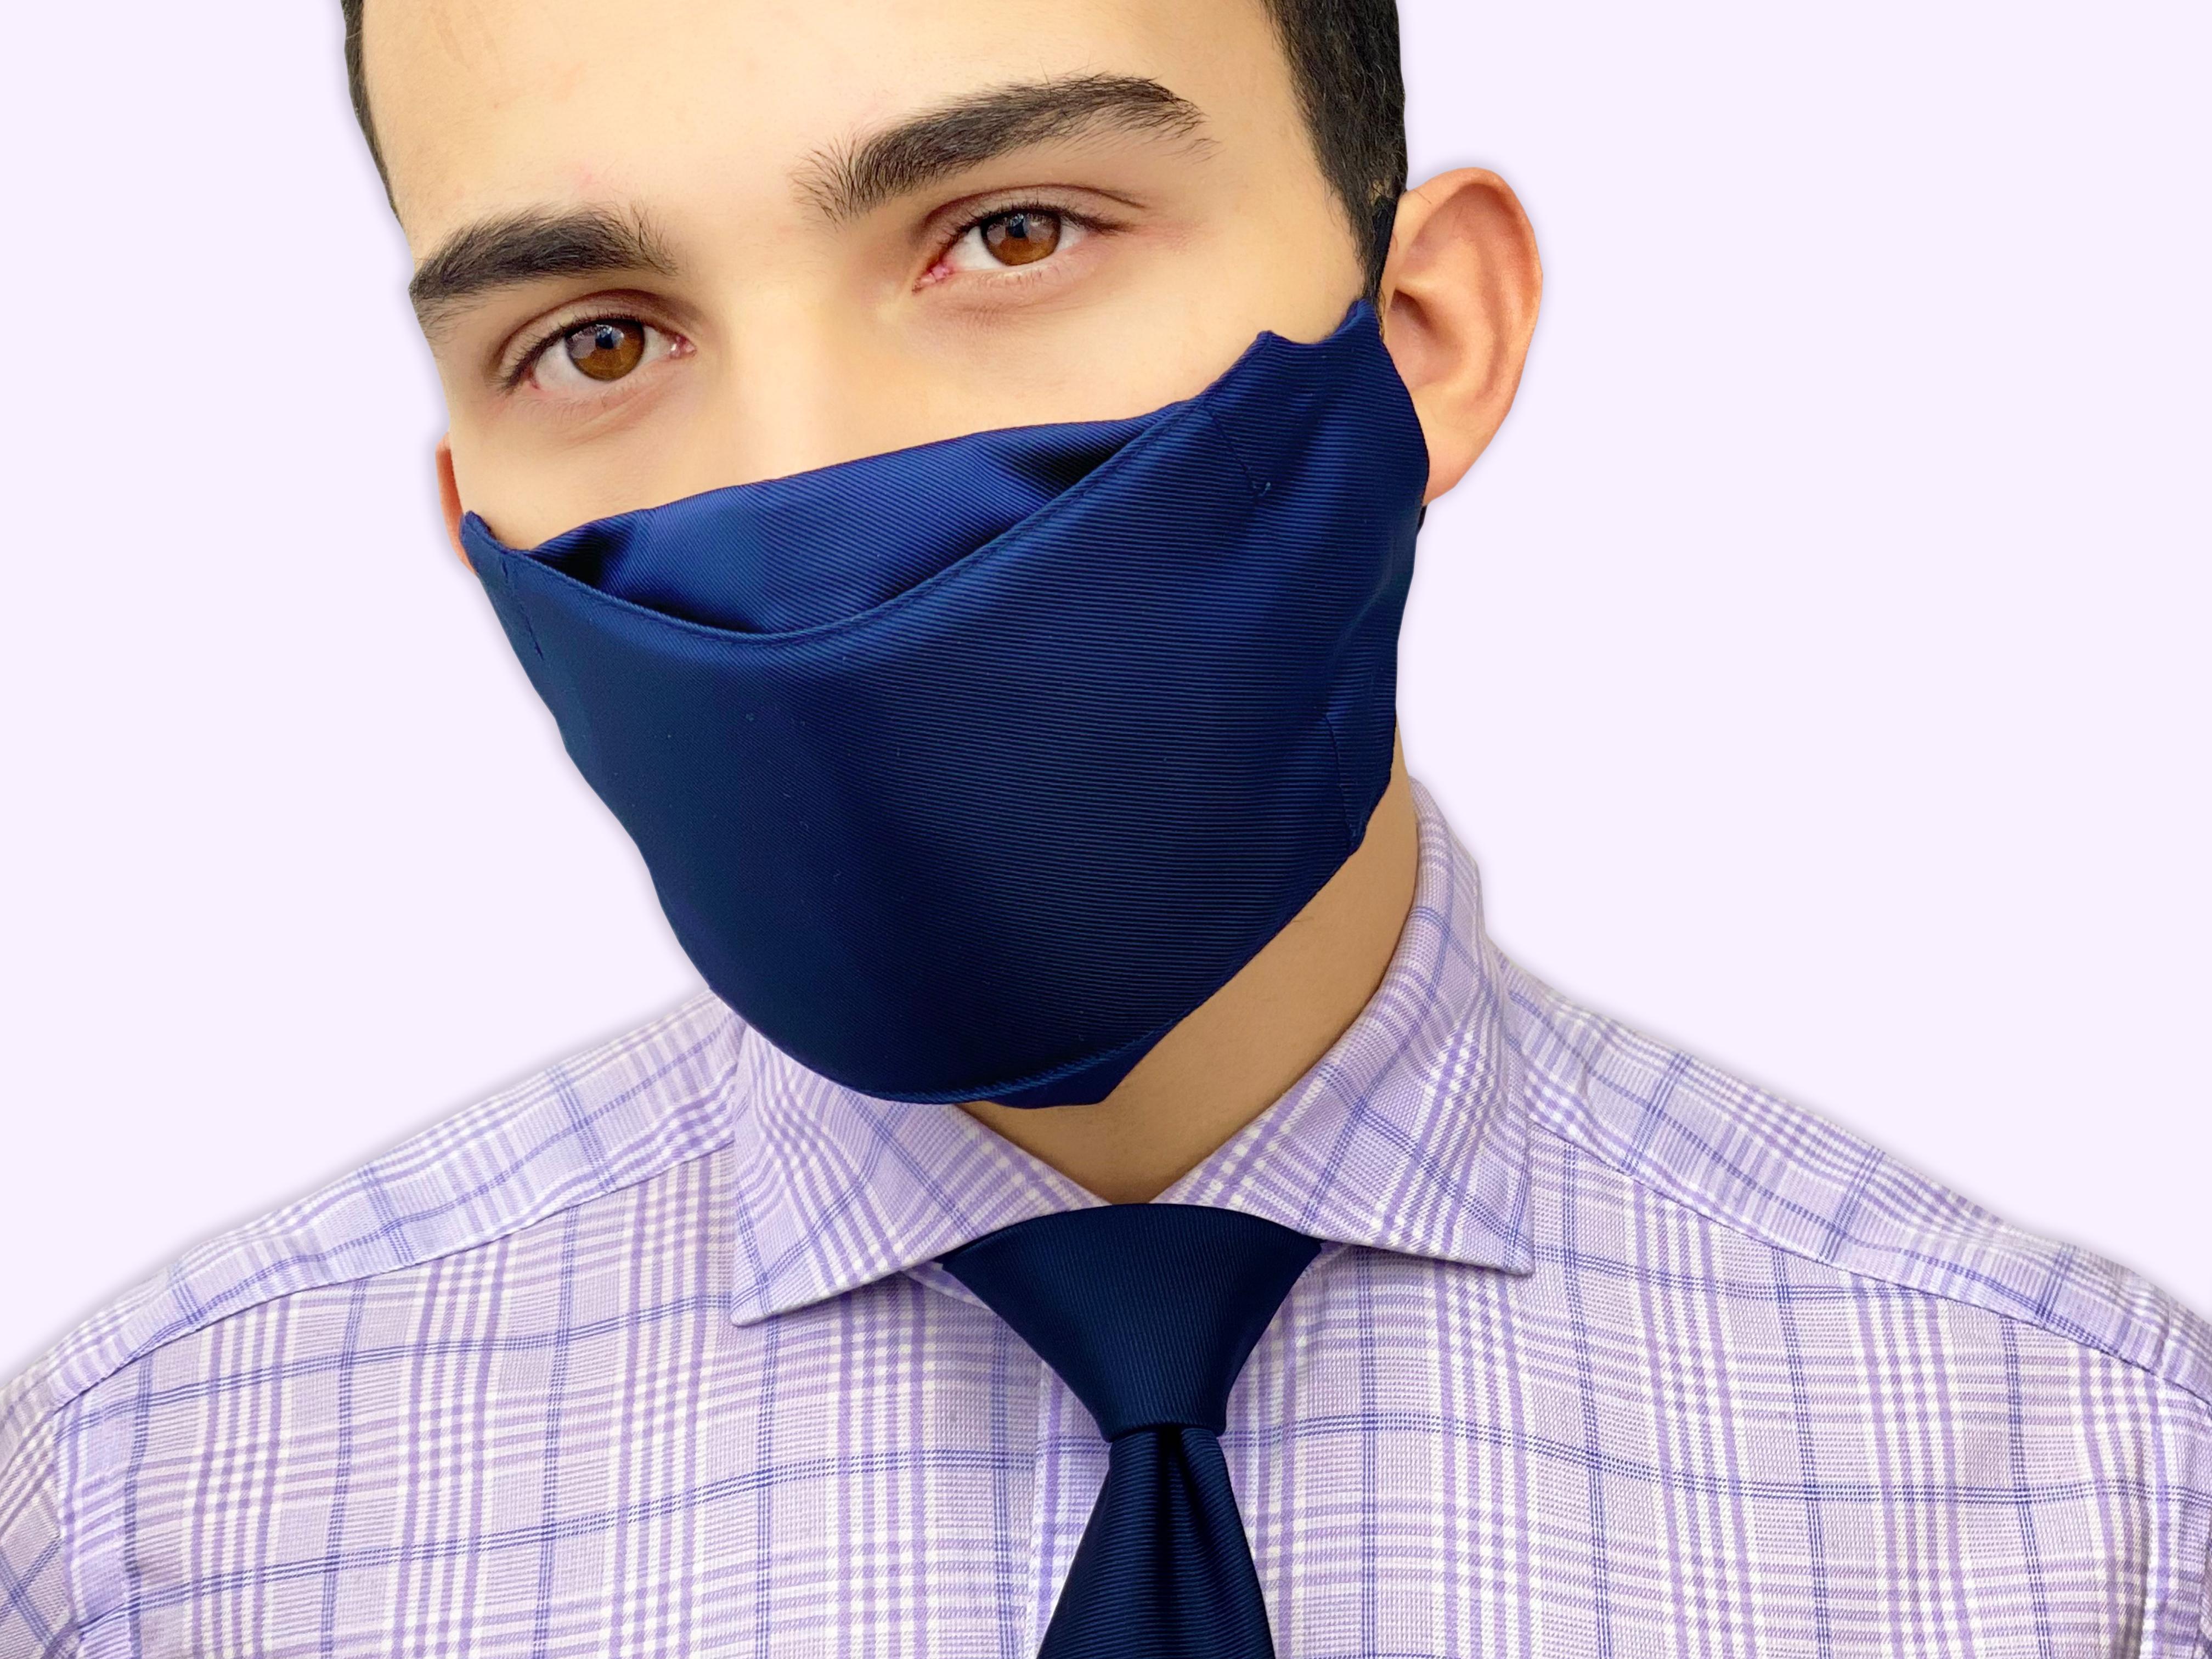 face mask necktie set Christmas gift for men